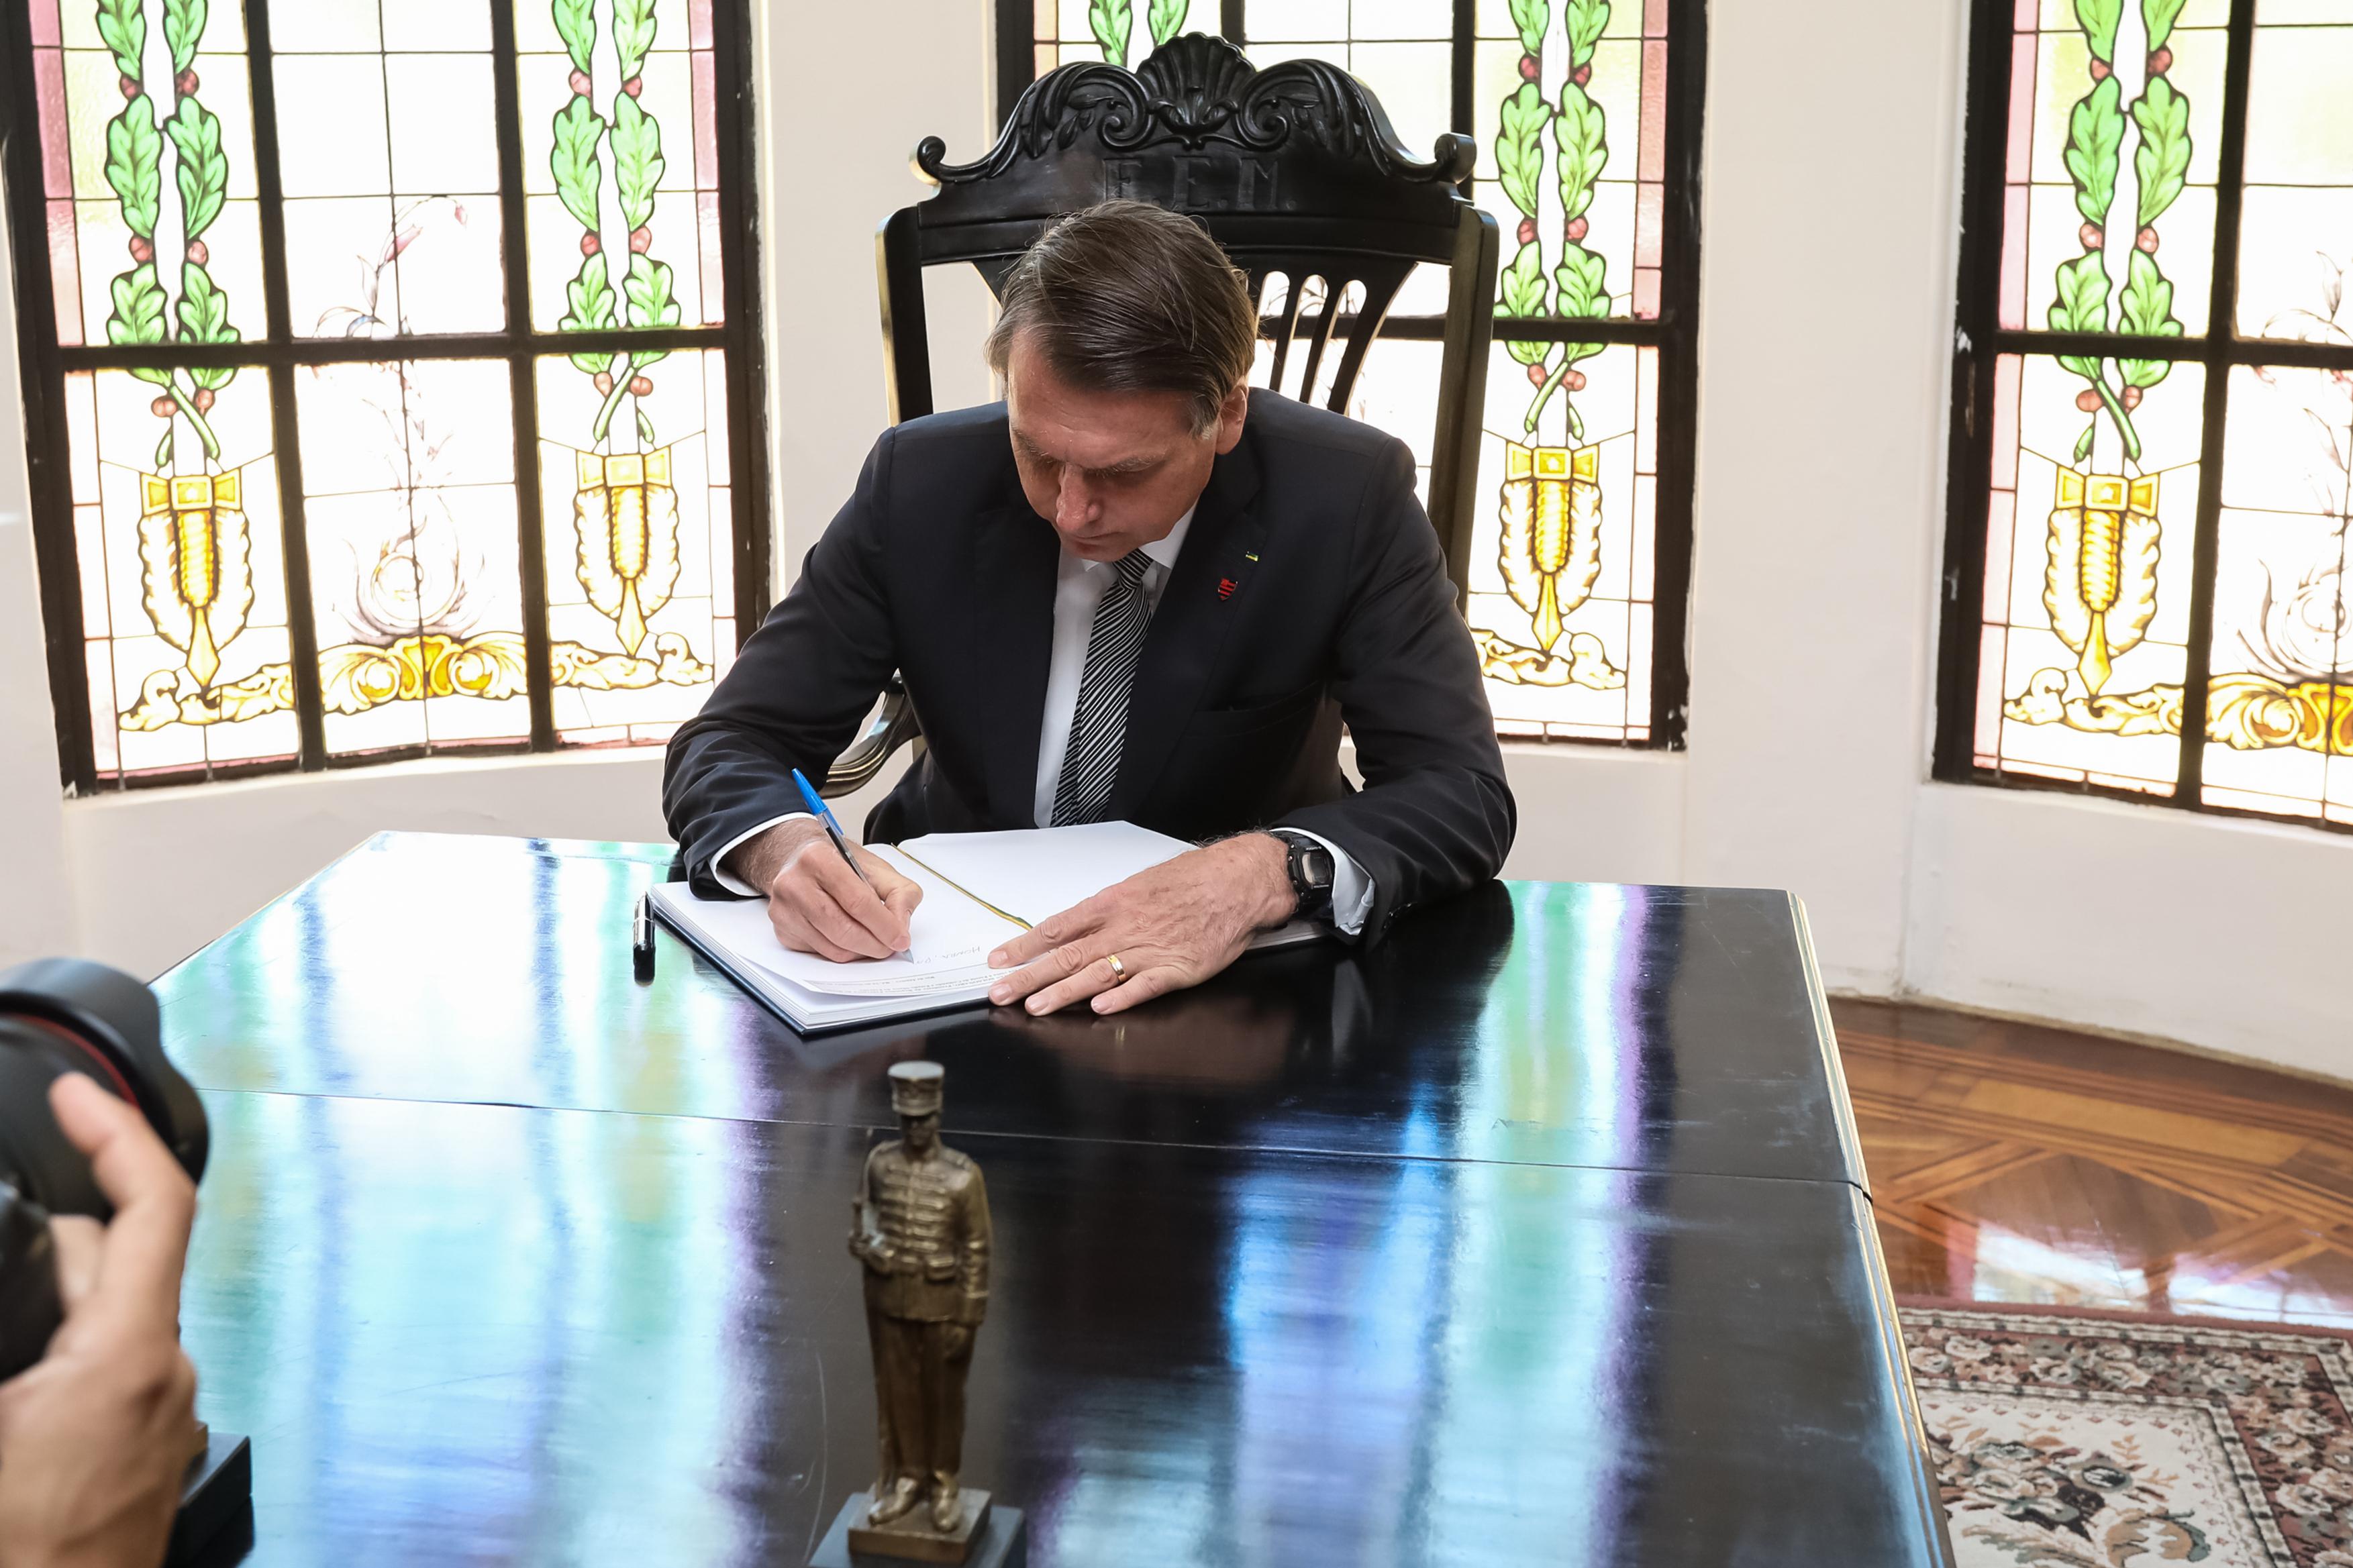 IMAGEM: Bolsonaro veta proibição de despejo de inquilino durante pandemia